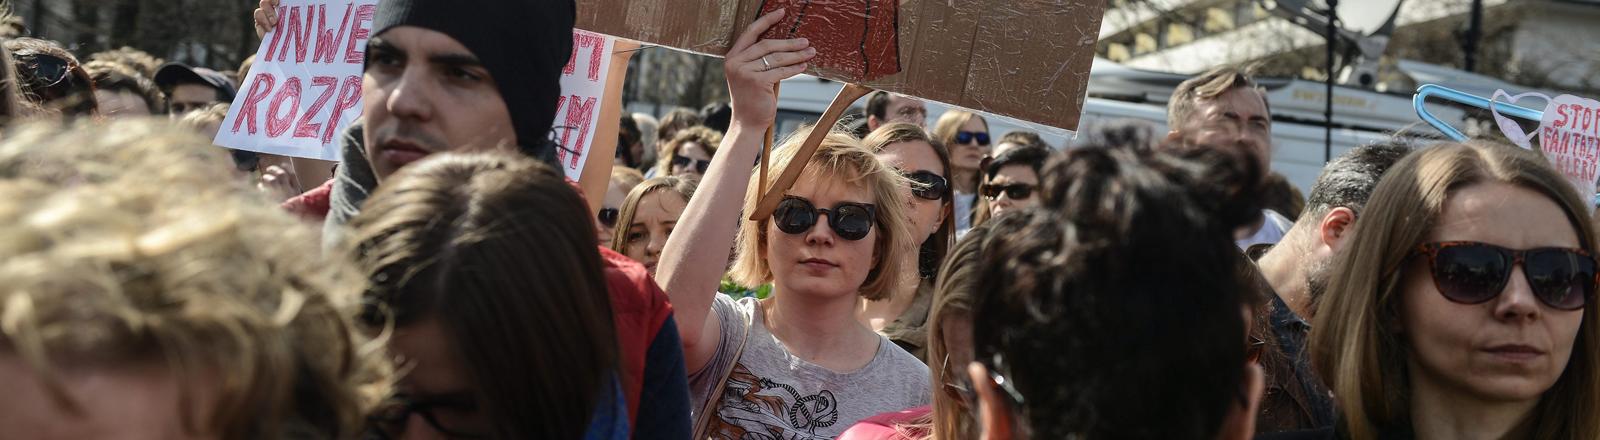 Demonstranten gegen ein schärferes Abtreibungsgesetz vor dem Sejm in Warschau.